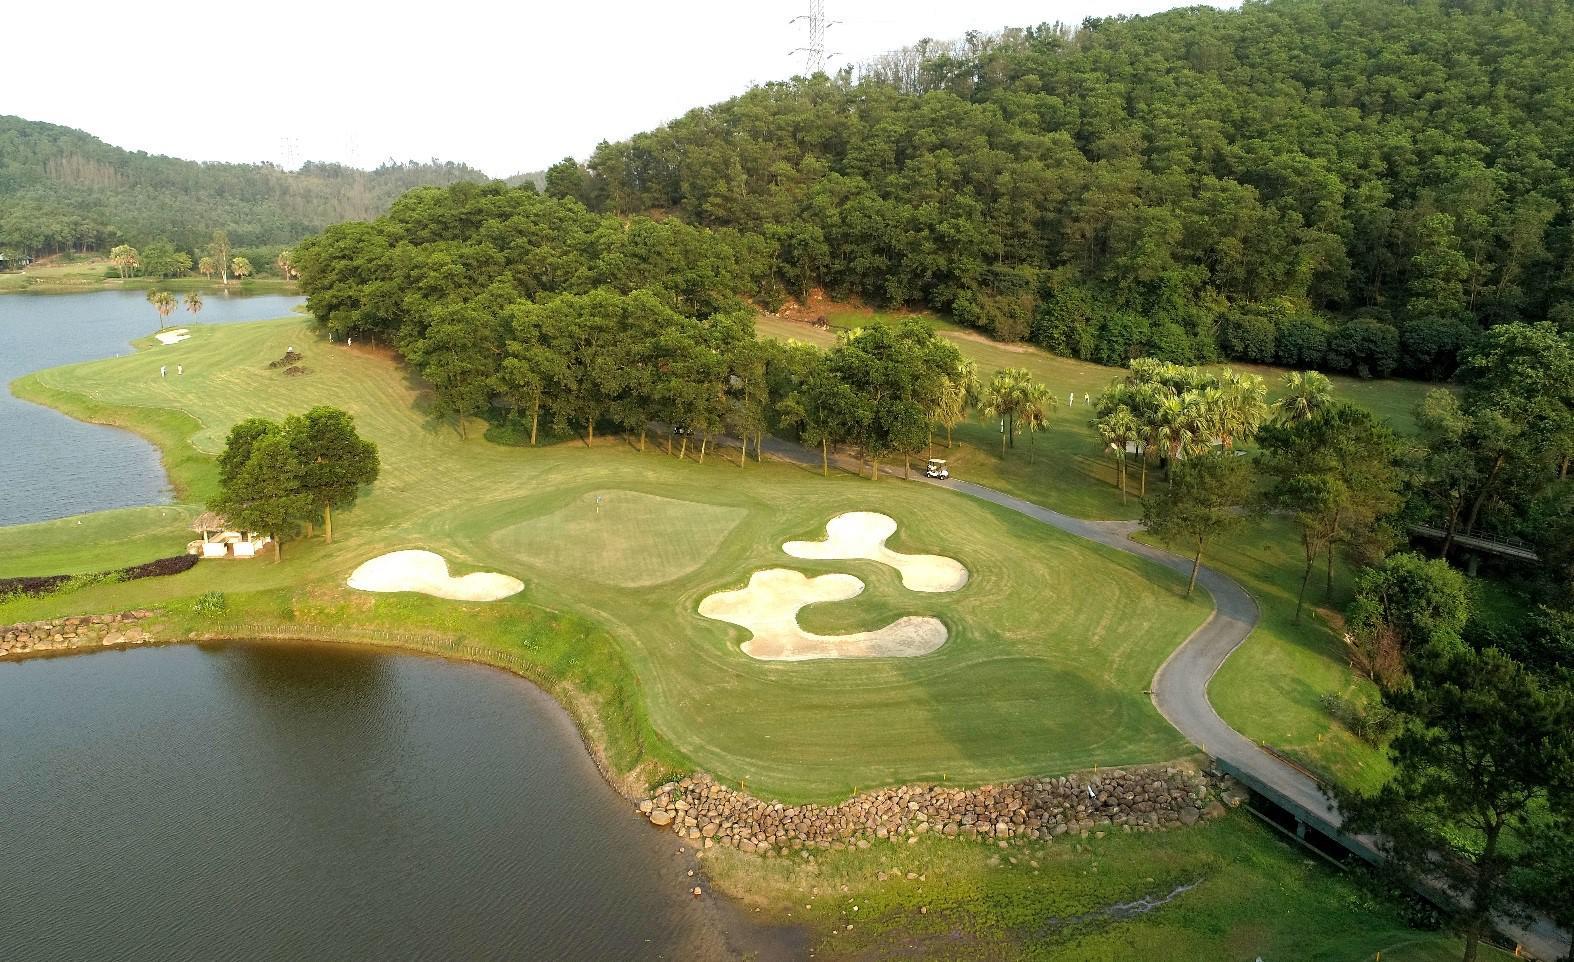 Ưu đãi hè chơi golf không giới hạn sân golf Chí Linh 18 hố